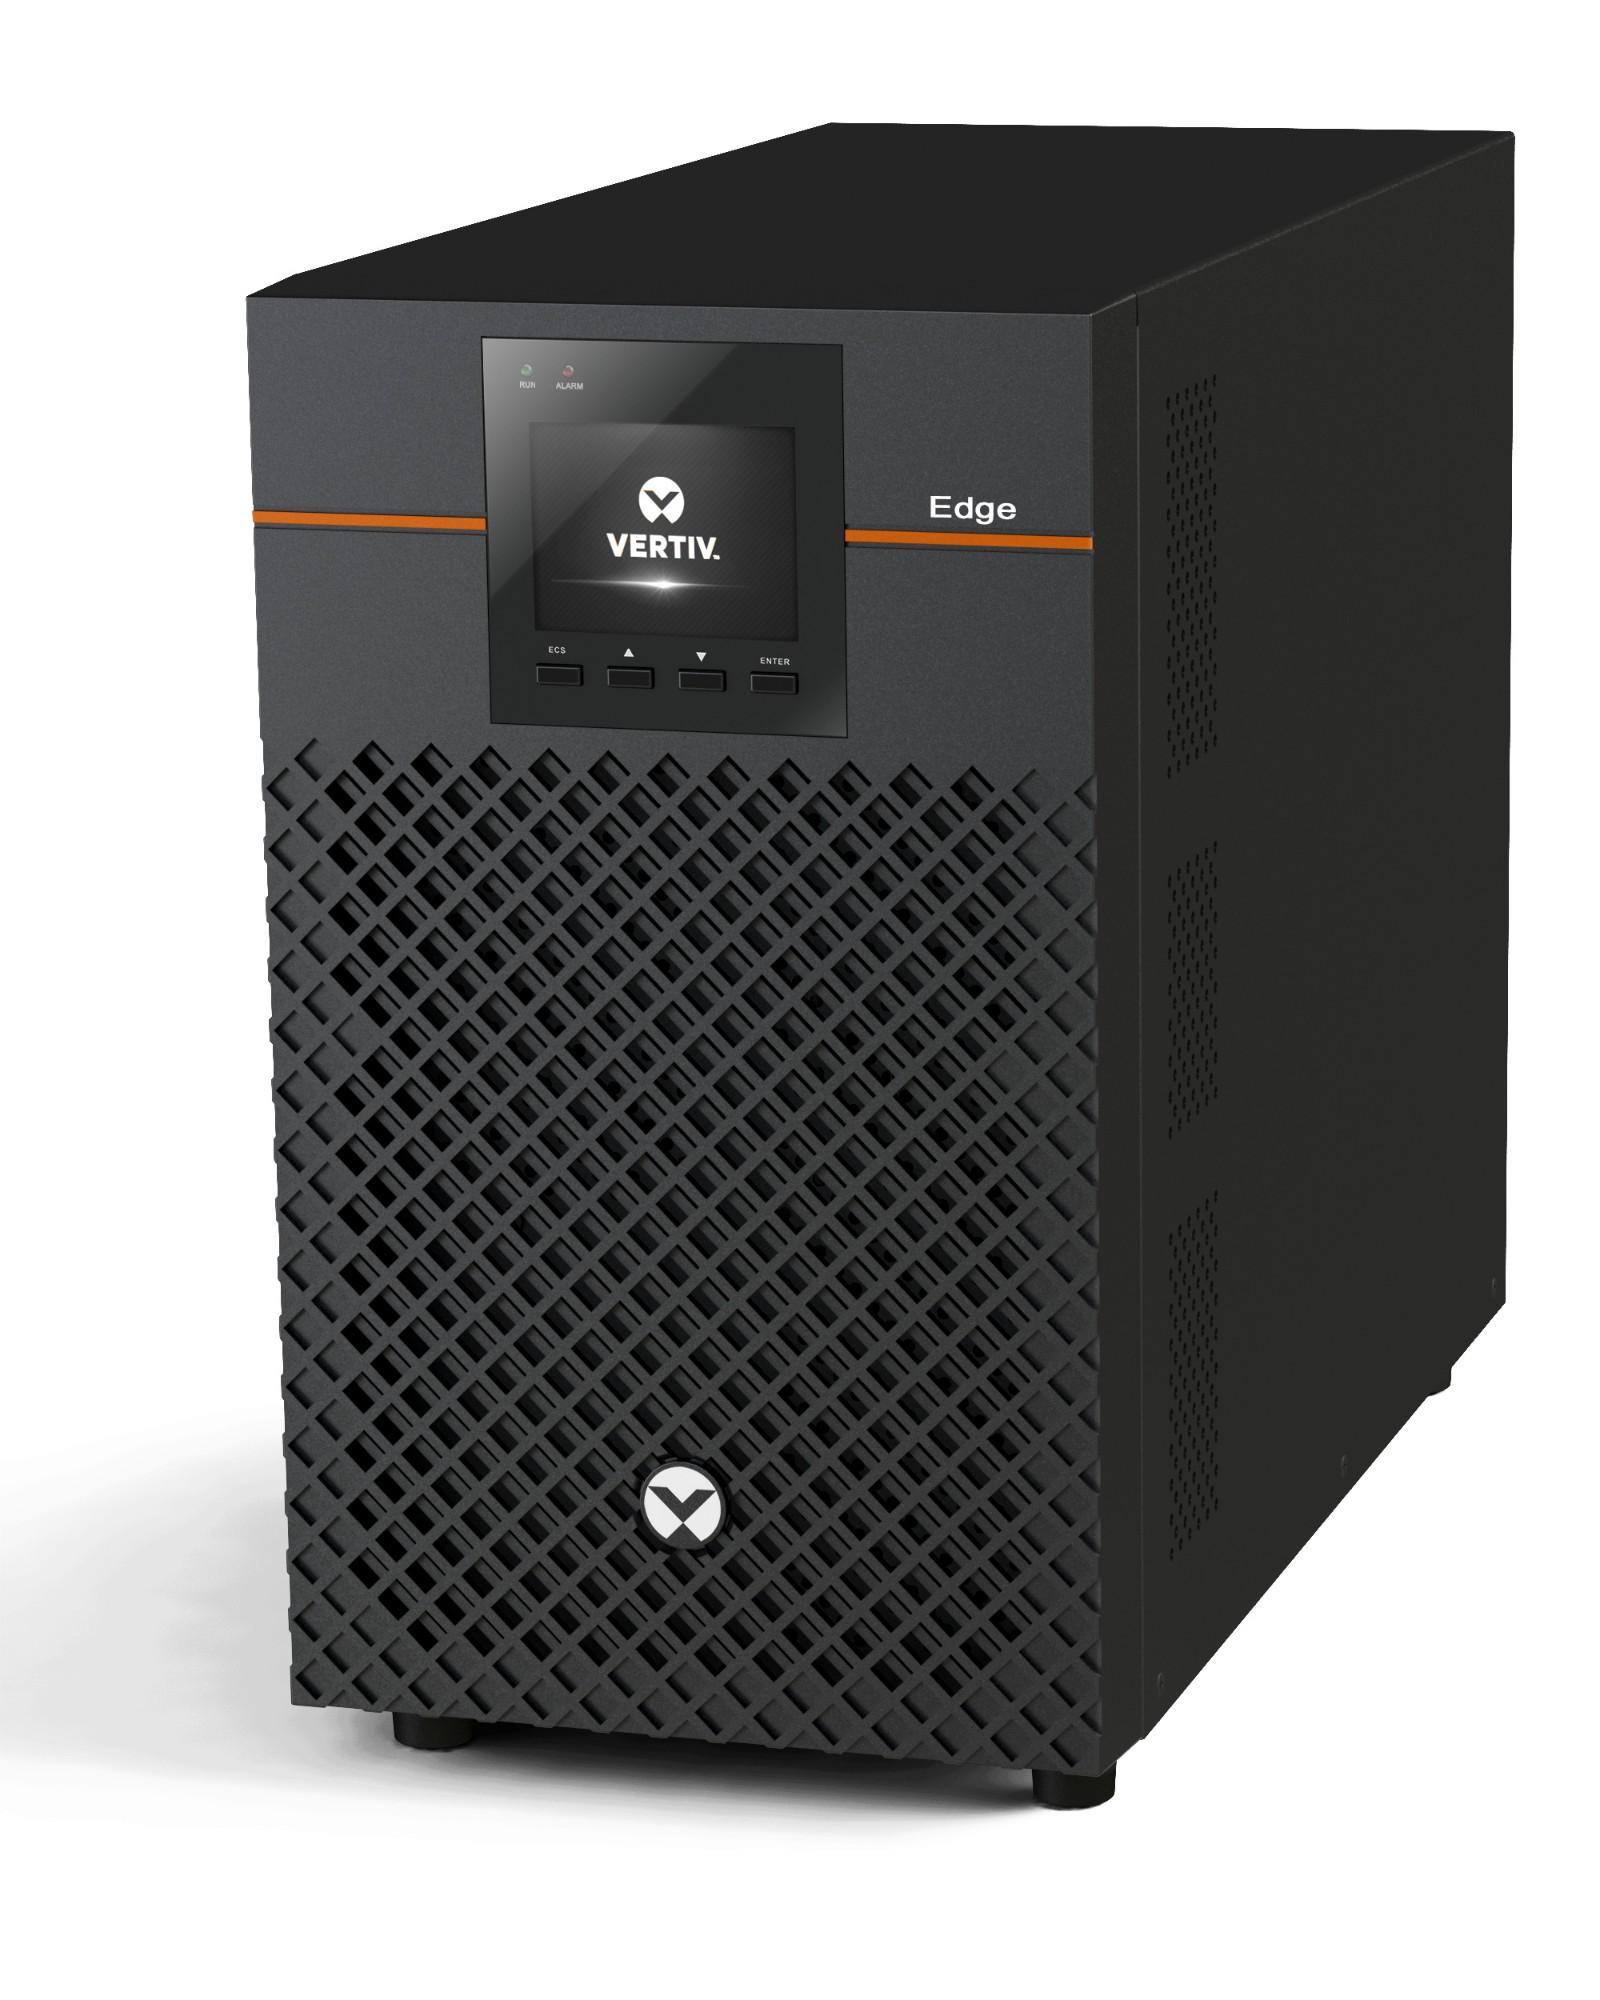 Vertiv EDGE-750IMT sistema de alimentación ininterrumpida (UPS) Línea interactiva 750 VA 675 W